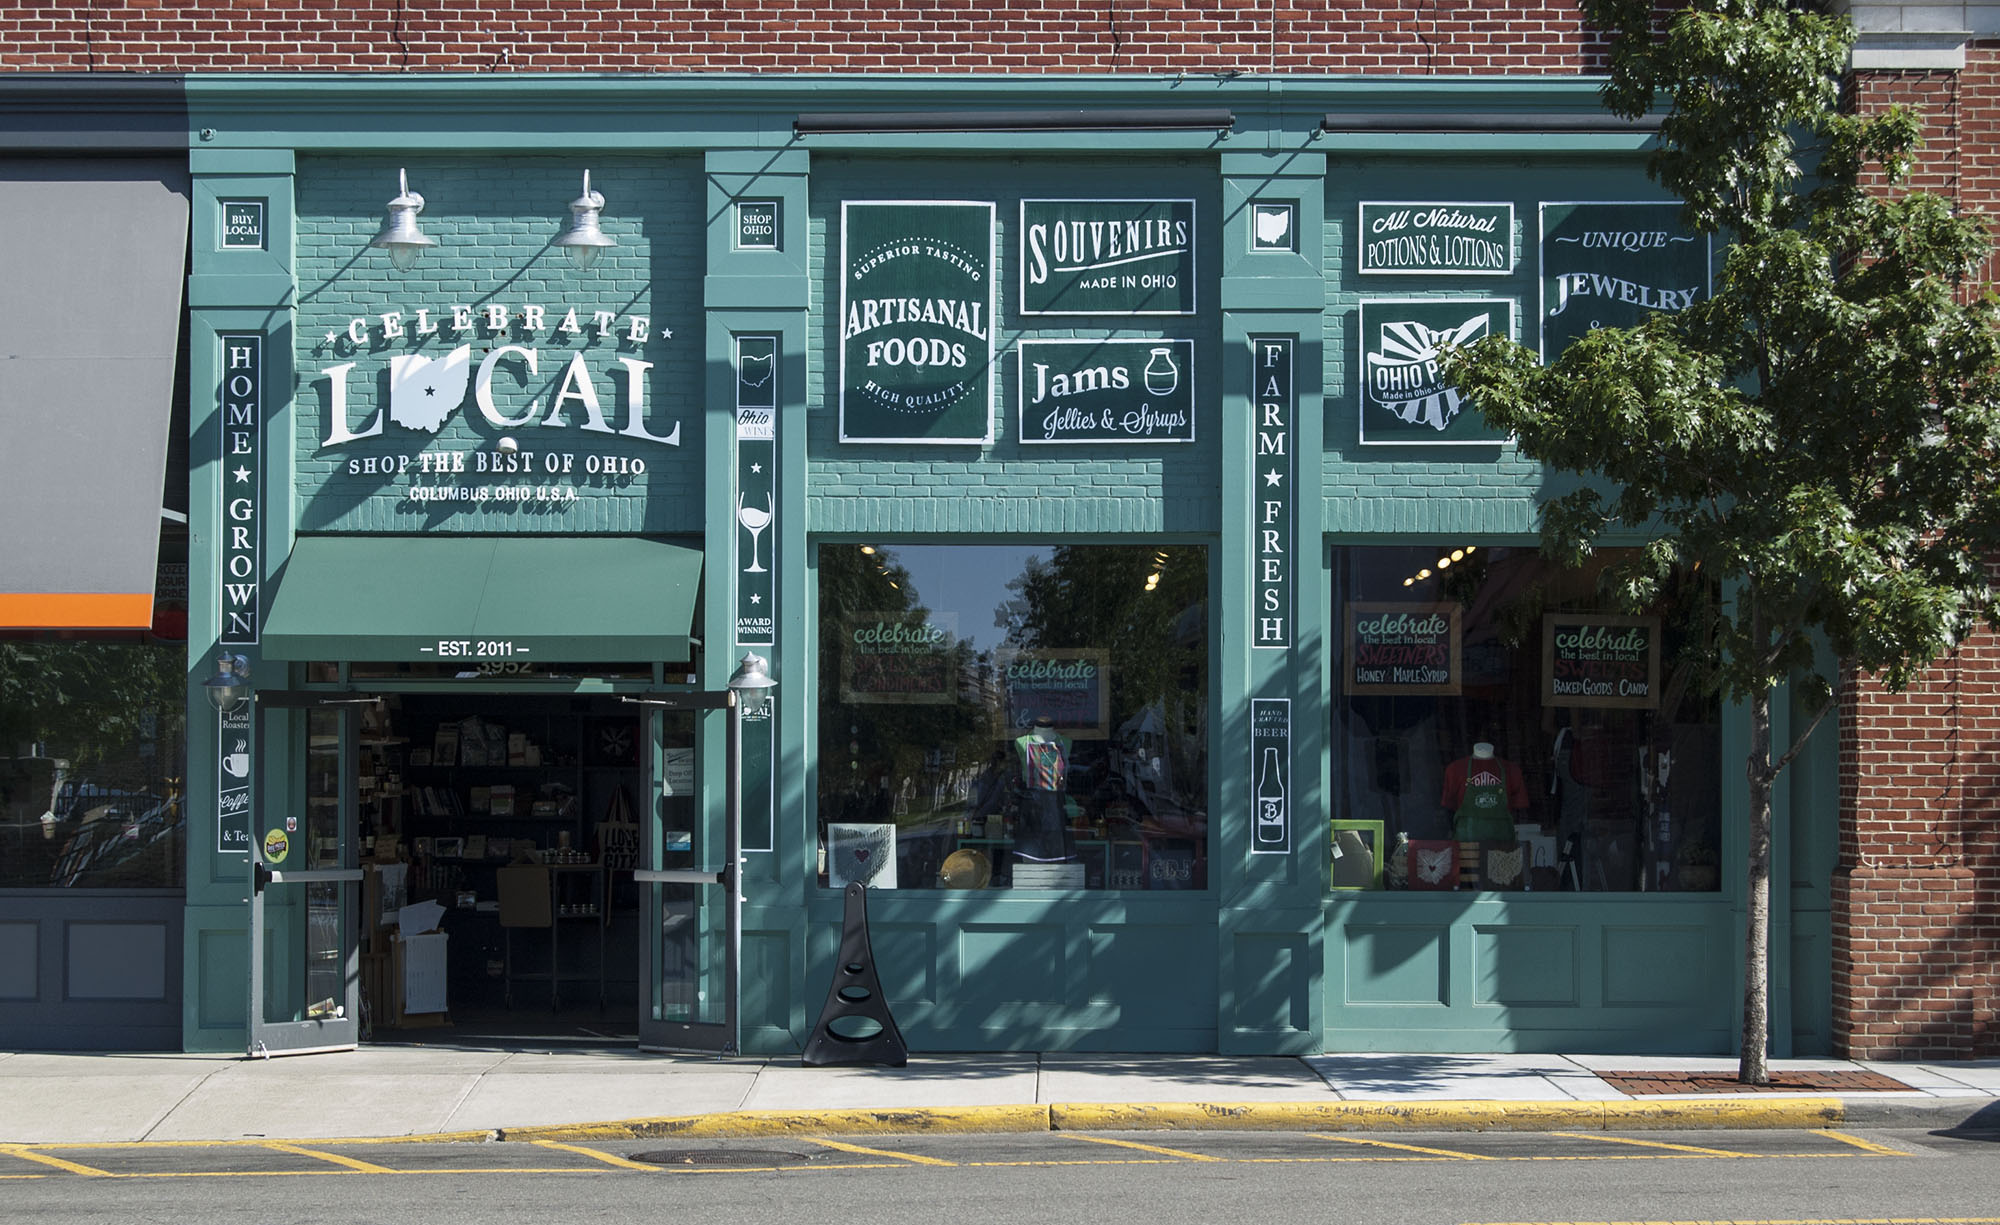 Celebrate Local | Easton | Columbus Ohio | 2013